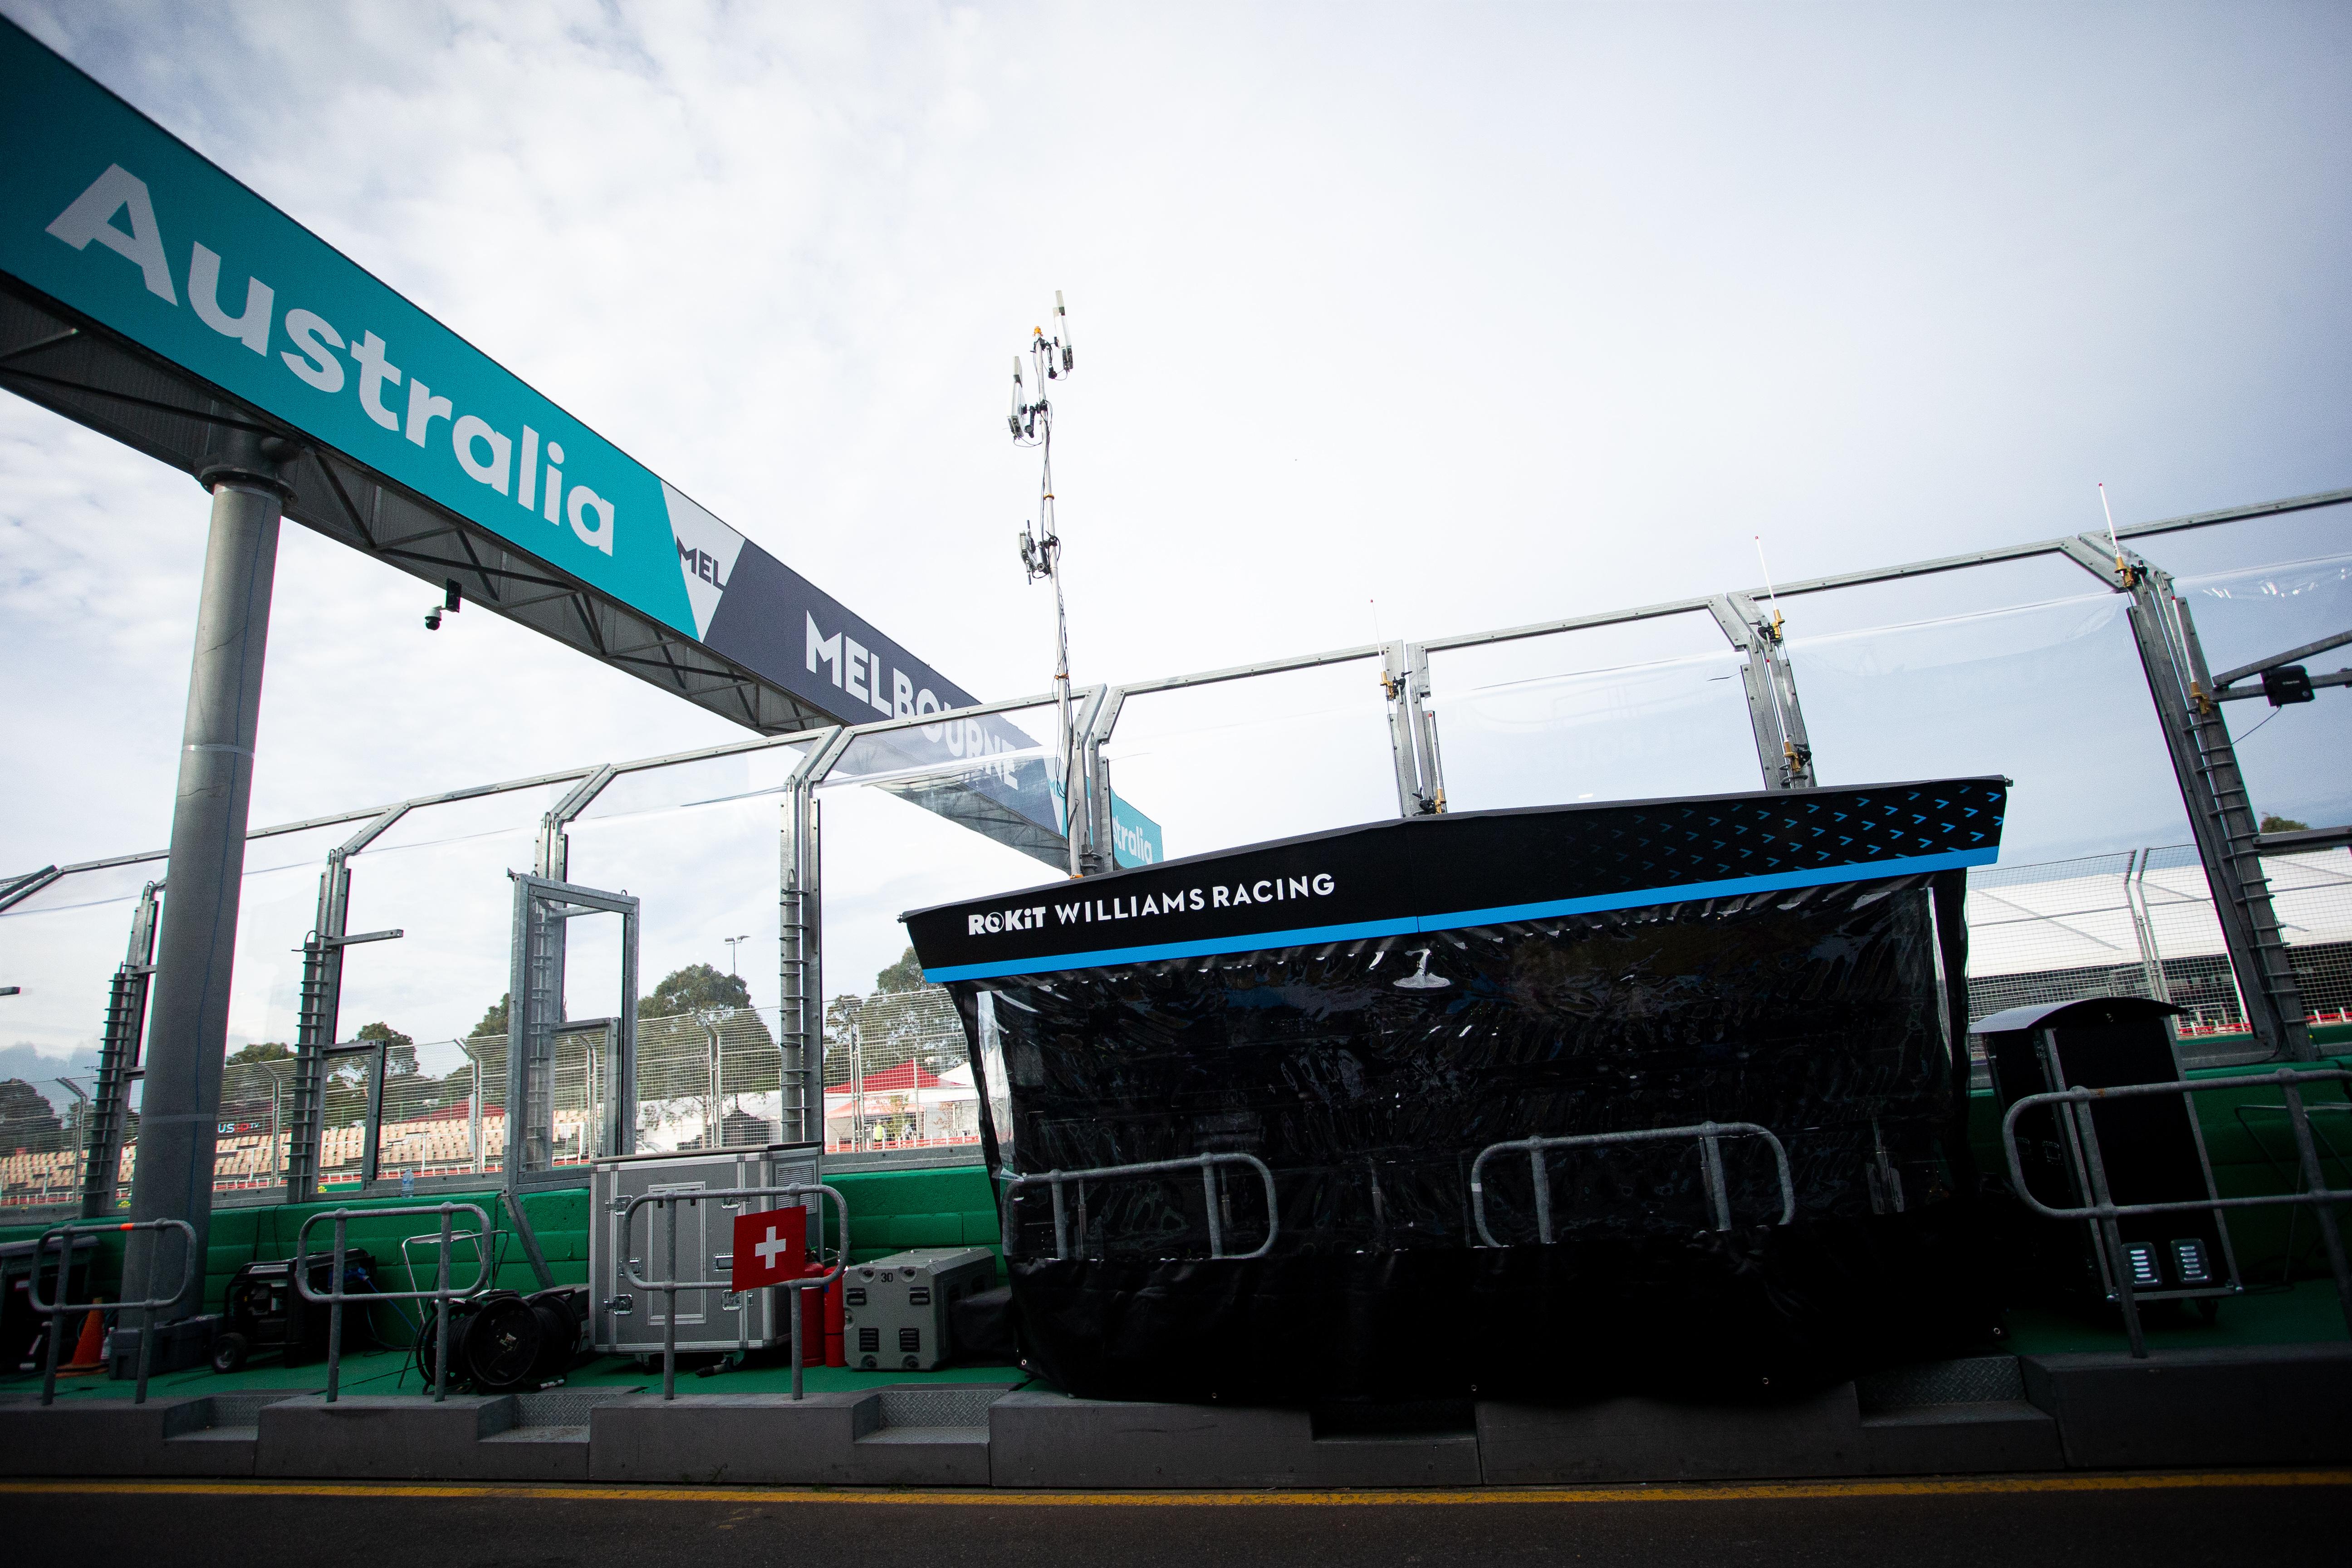 Williams pitwall Australian Grand Prix 2020